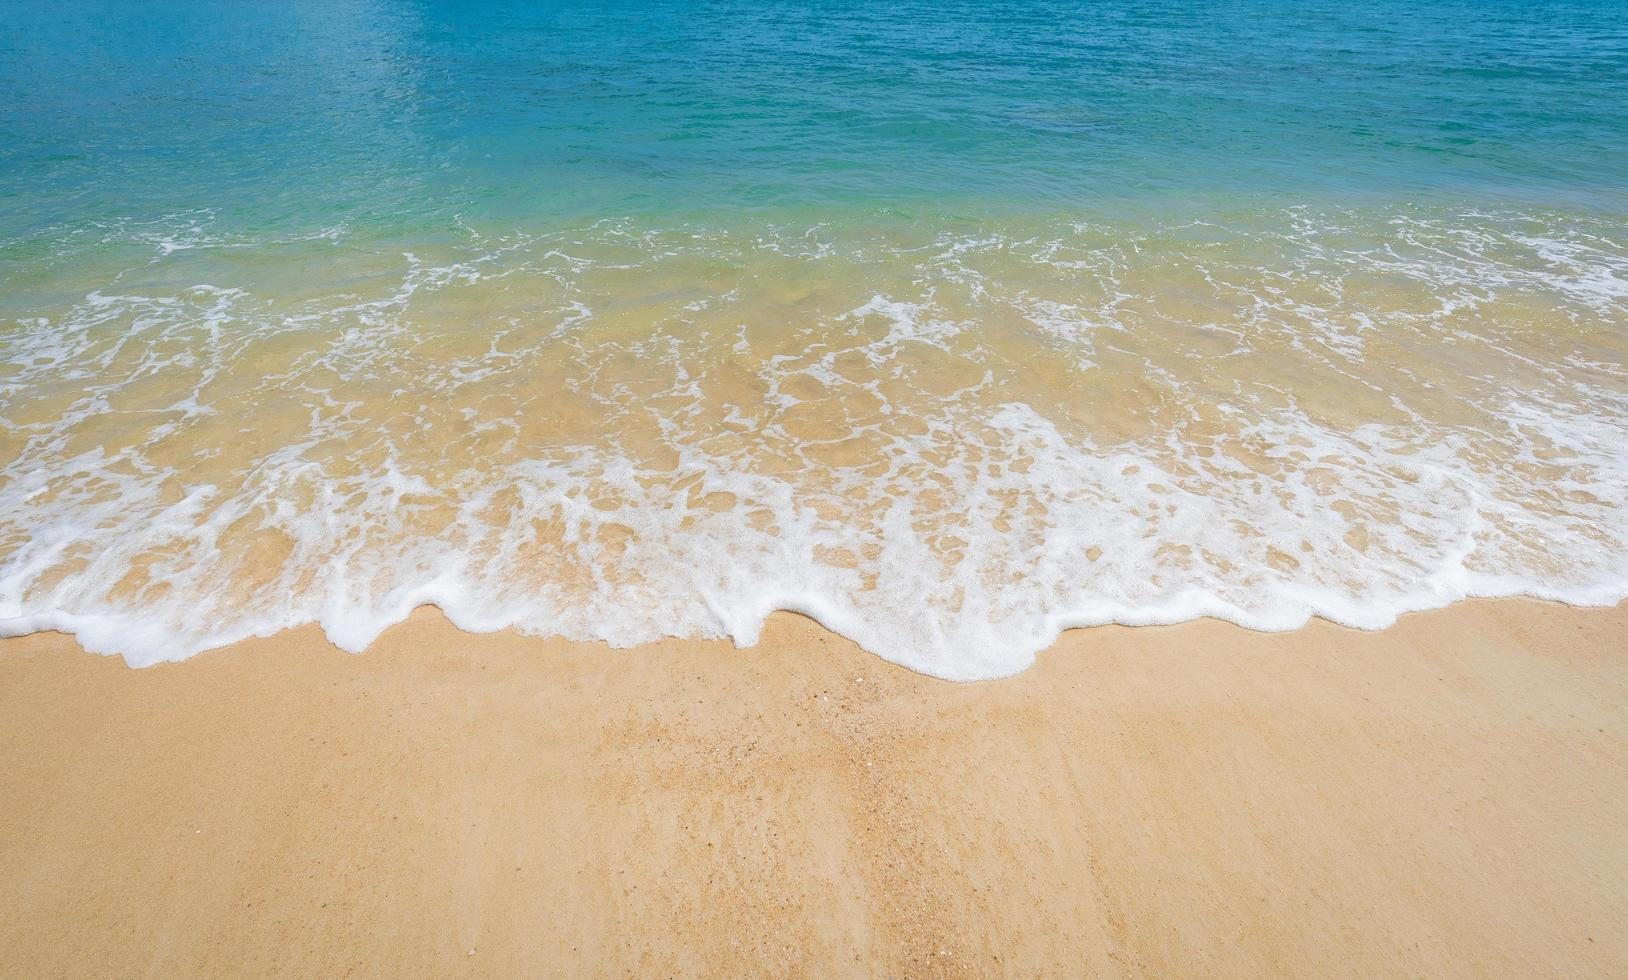 ondas lavando na praia foto